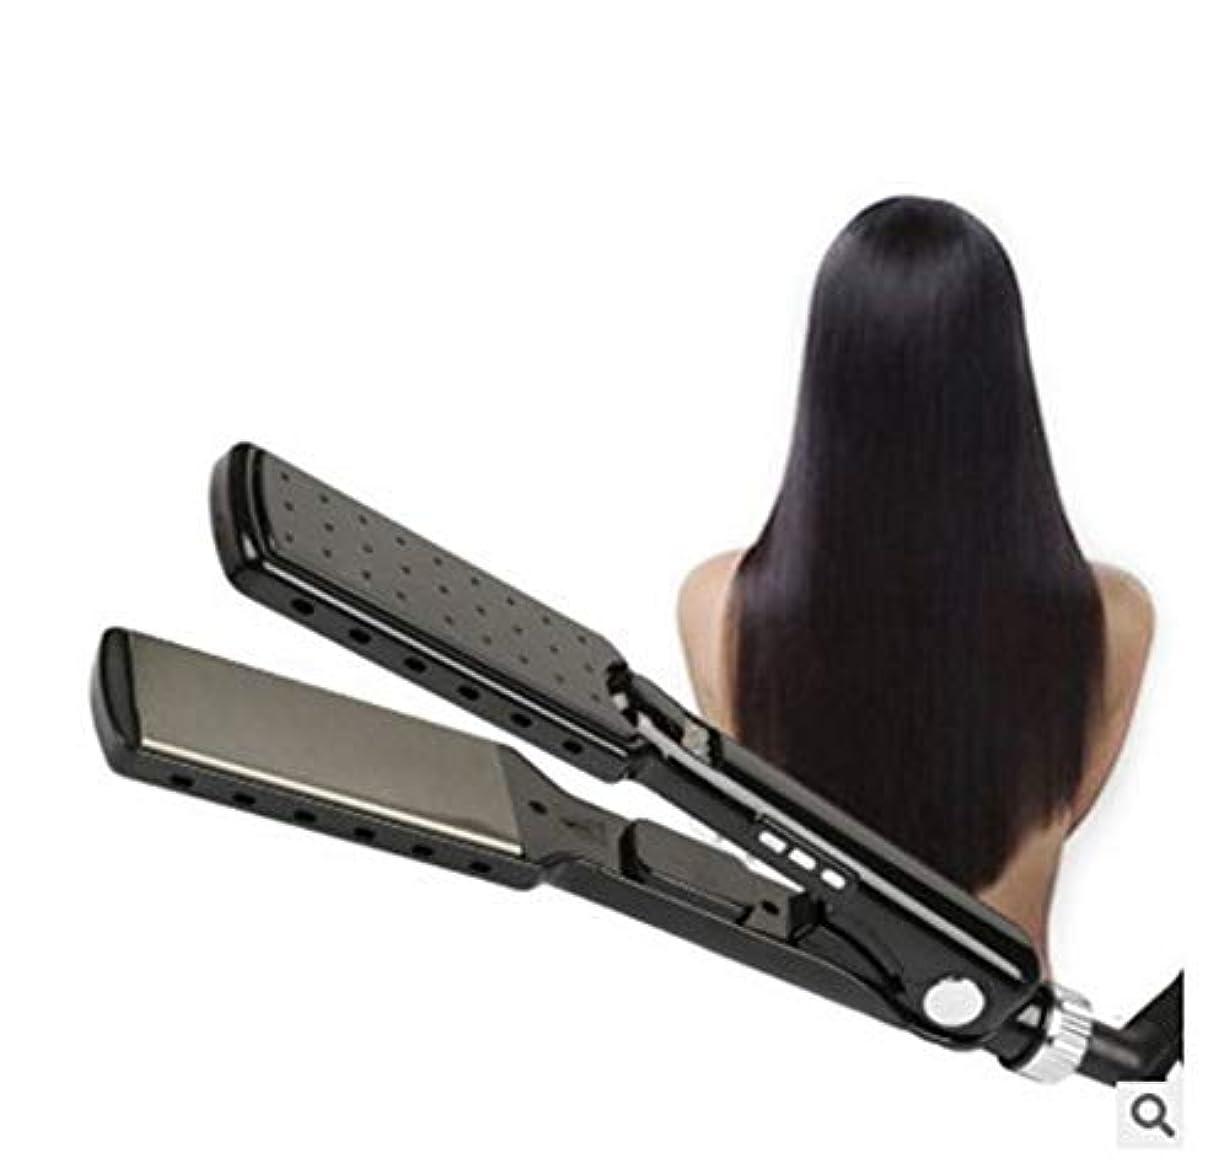 対象合理的行プロのサロン高品質フラットアイアンストレートヘアアイロンインスタント加熱デュアル電圧トラベルヘアストレートニングアイロンすべての髪の滑りやすいスライドに適しています